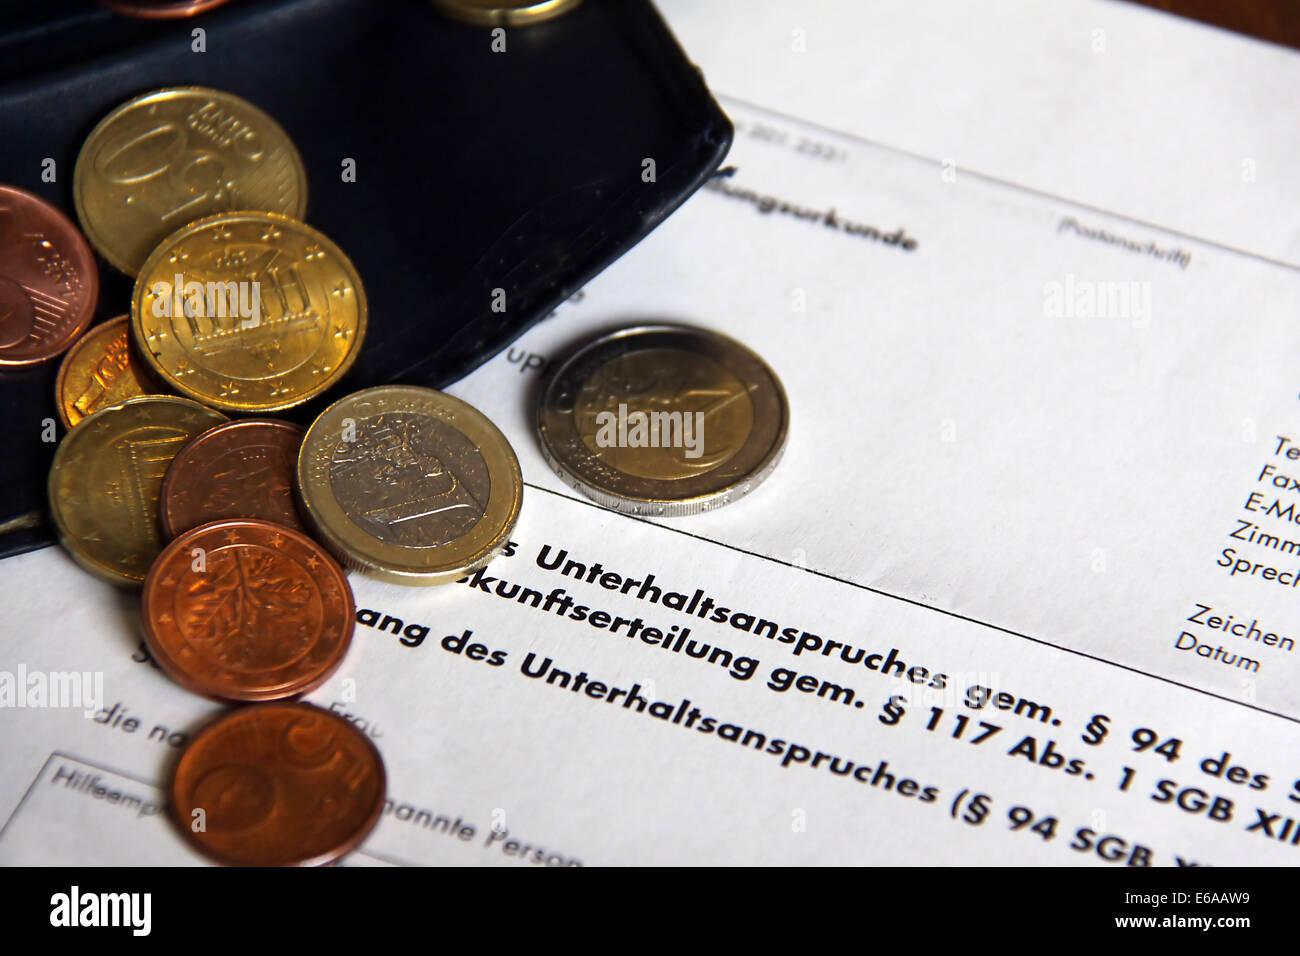 Richiesta di manutenzione,pagamento,alimony Immagini Stock